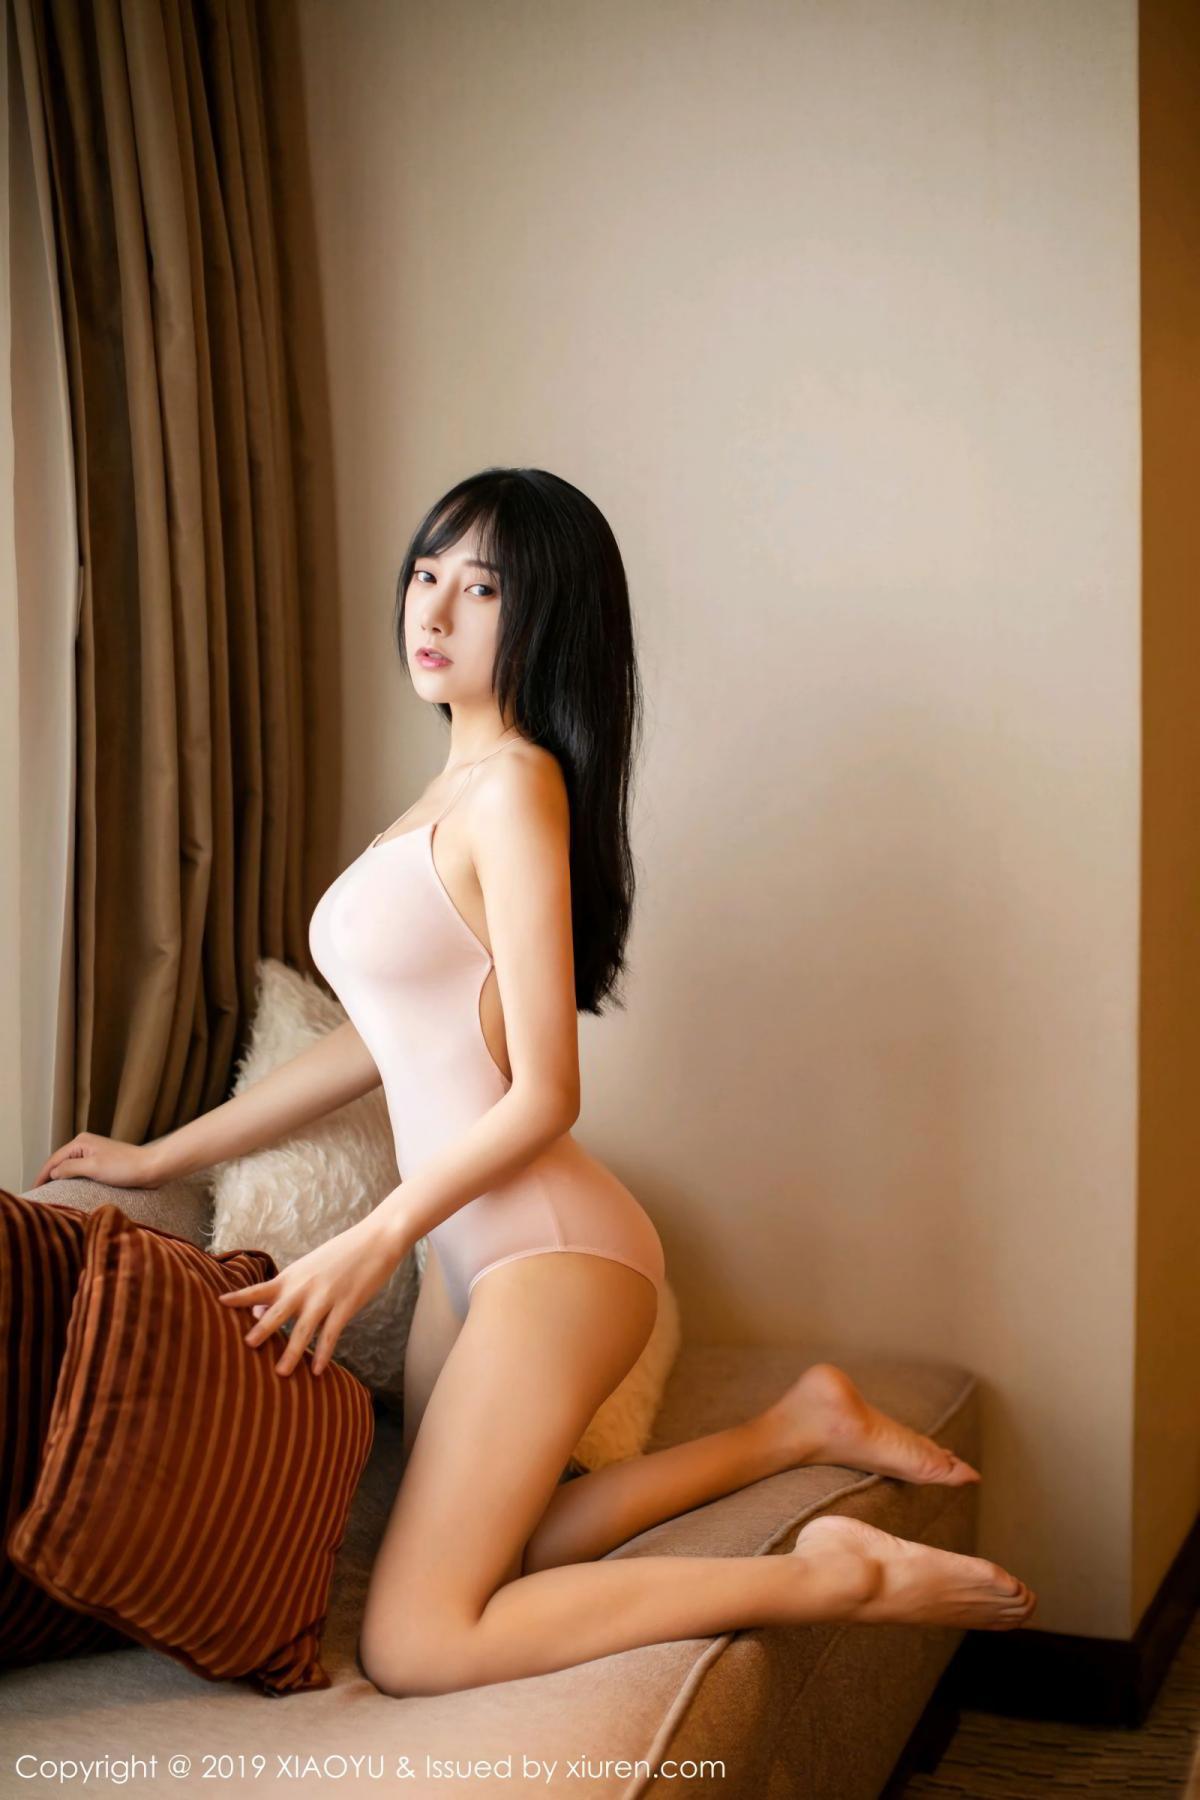 [XiaoYu] Vol.097 He Jia Ying 16P, He Jia Ying, Tall, XiaoYu